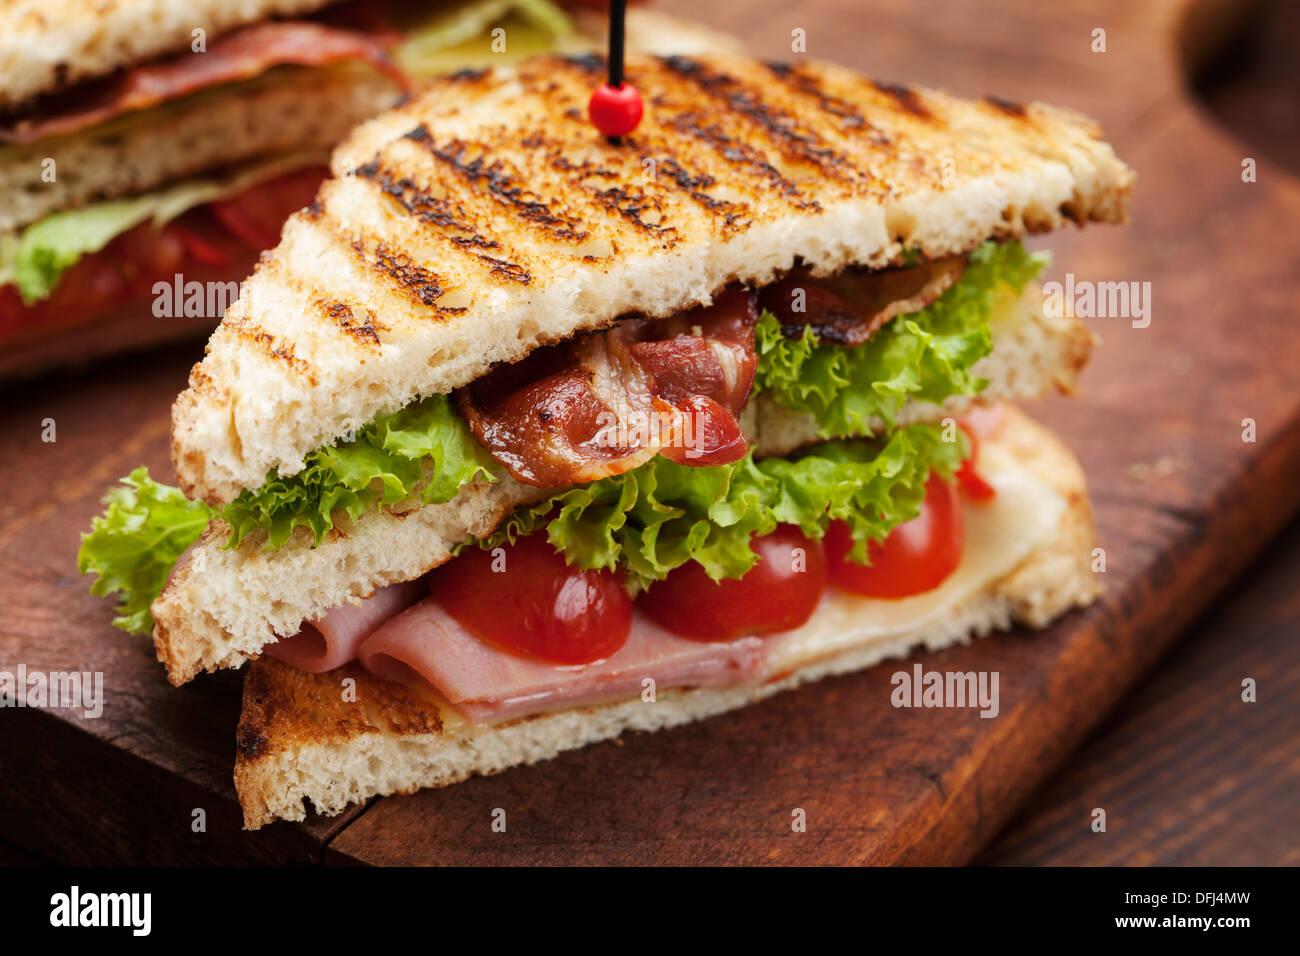 Close up of sandwich frais avec du jambon, bacon, tomates, fromage et laitue Photo Stock